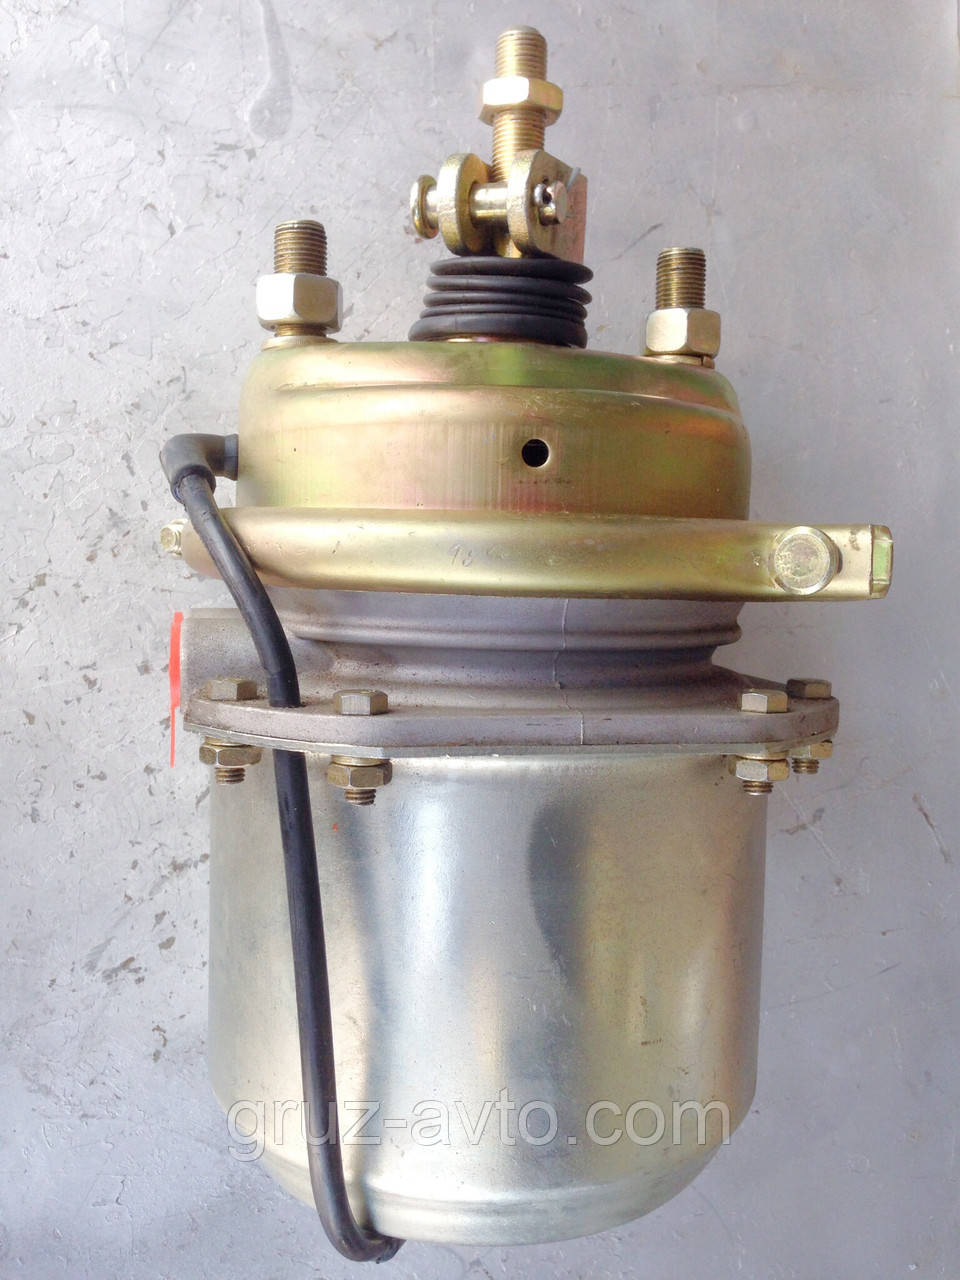 пневмосистема маз5336 схема